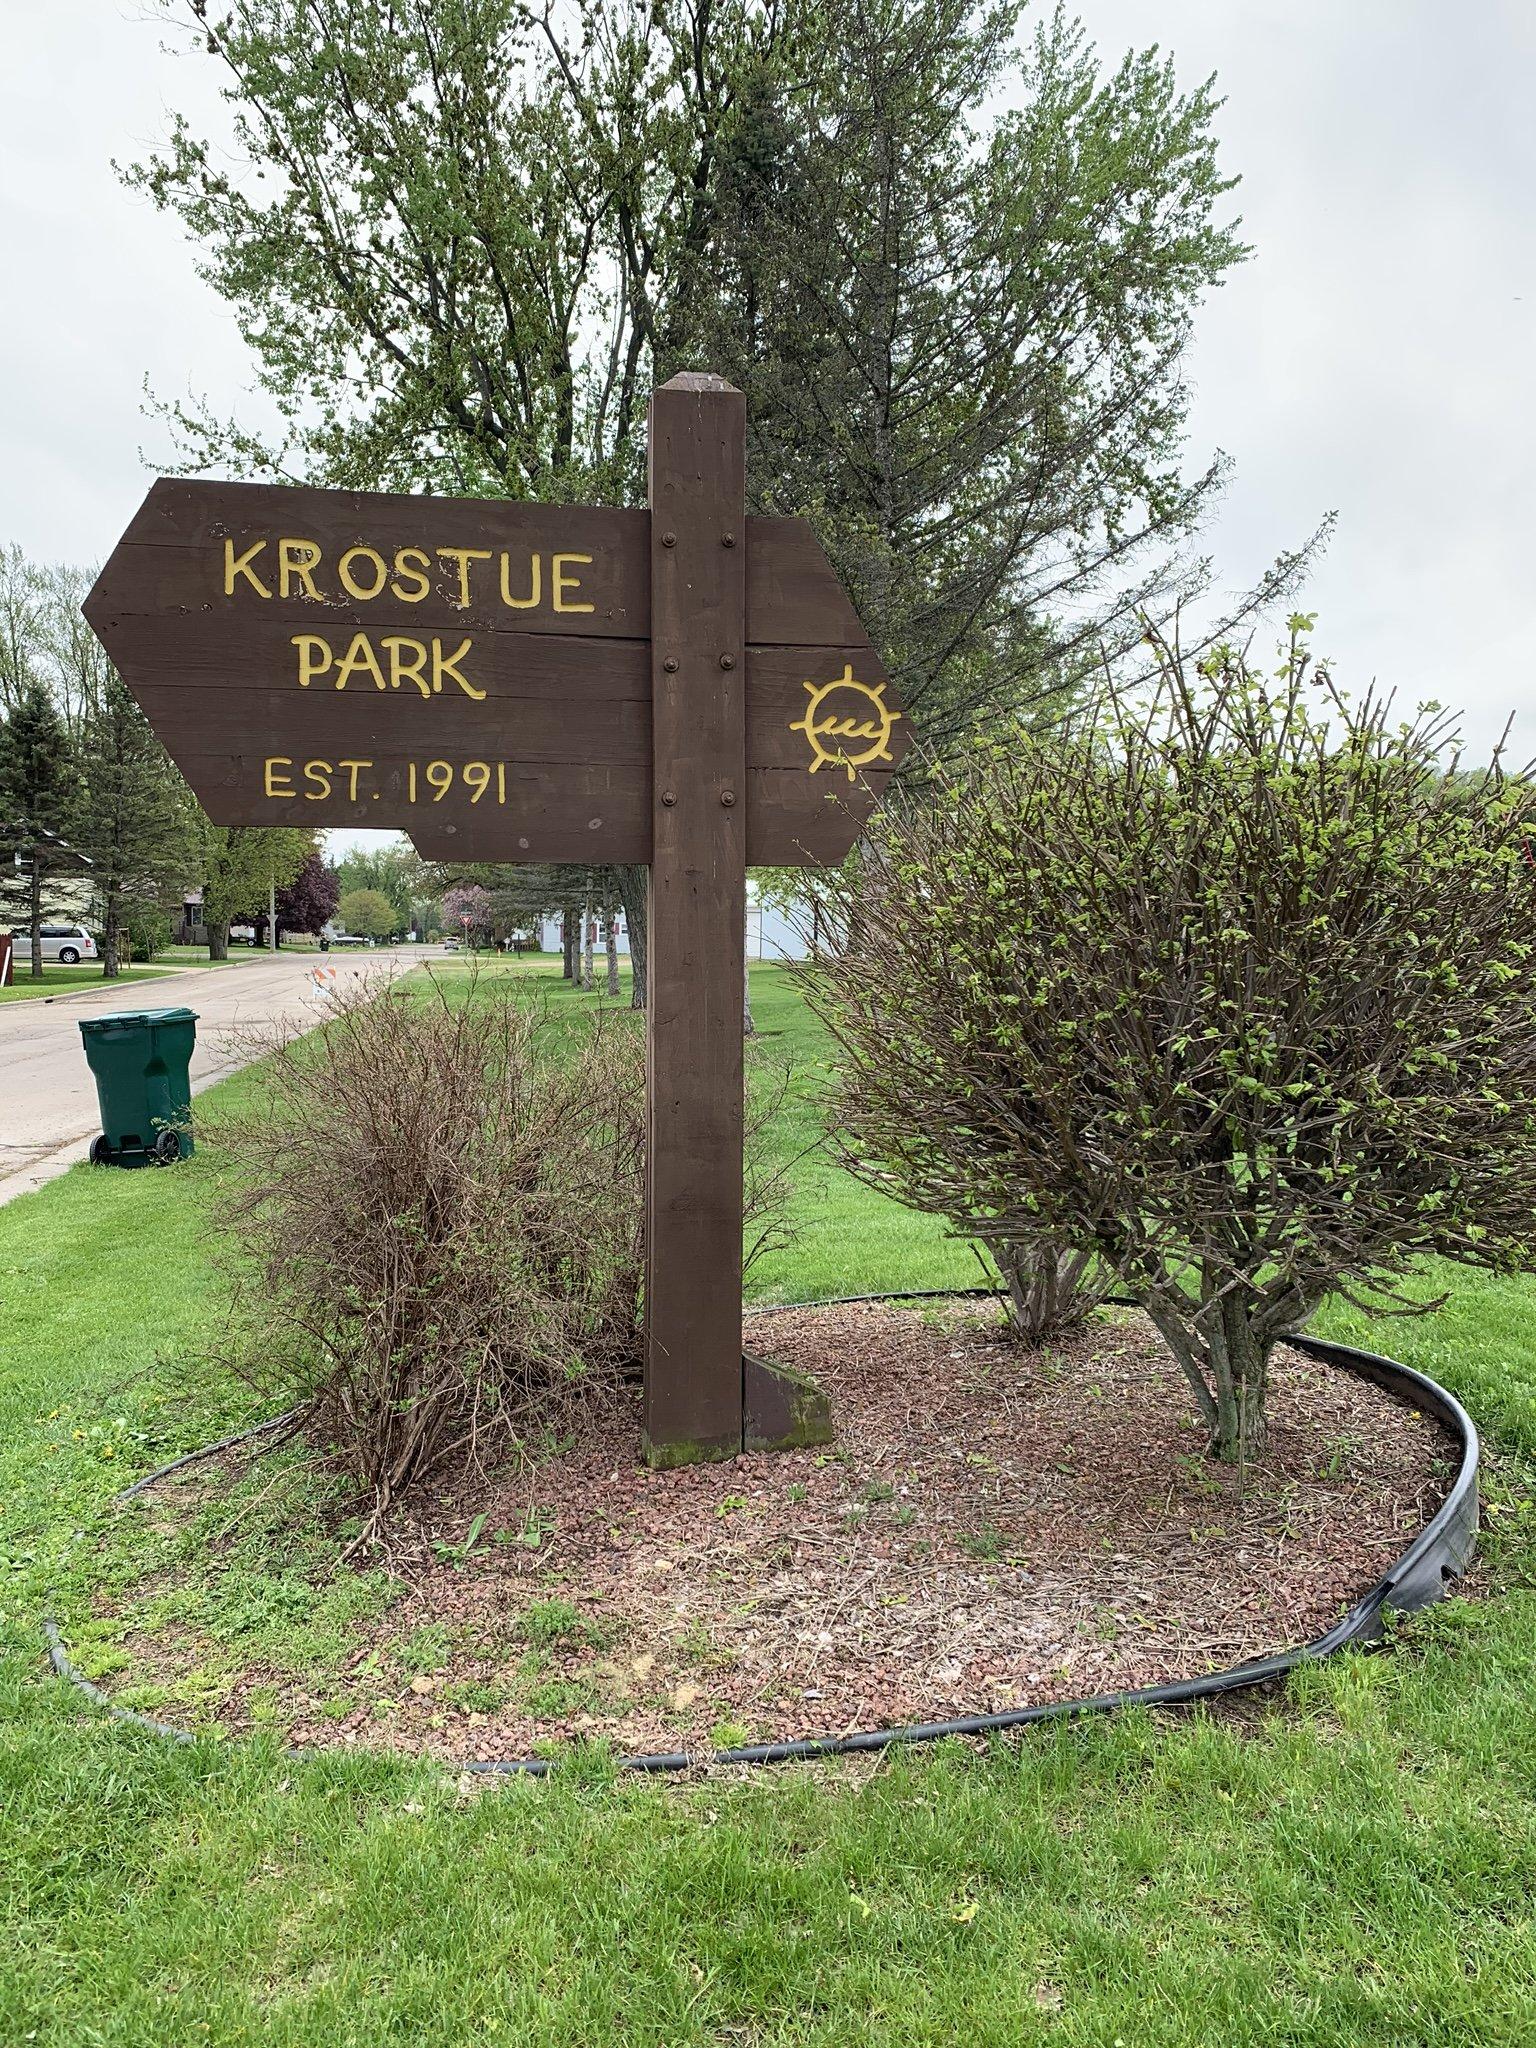 Krostue Park